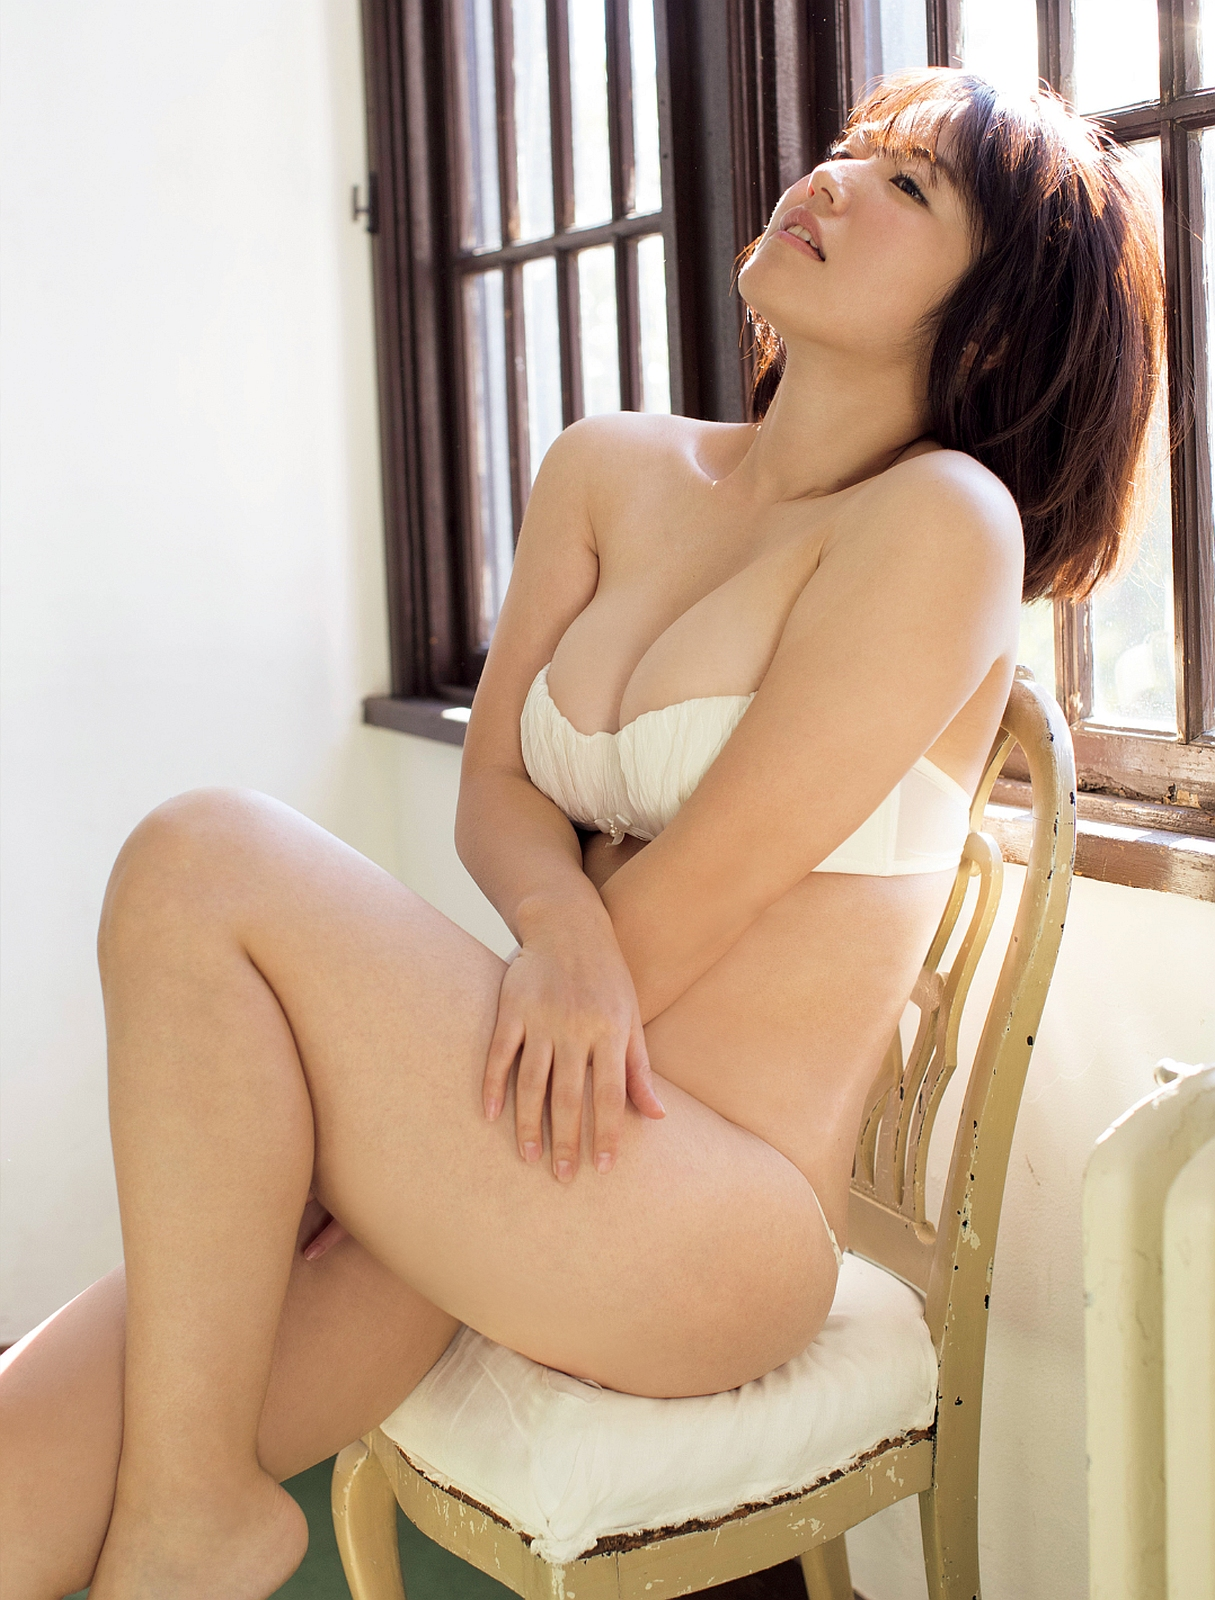 三次元 3次元 セクシー画像 豊満 べっぴん娘通信 30